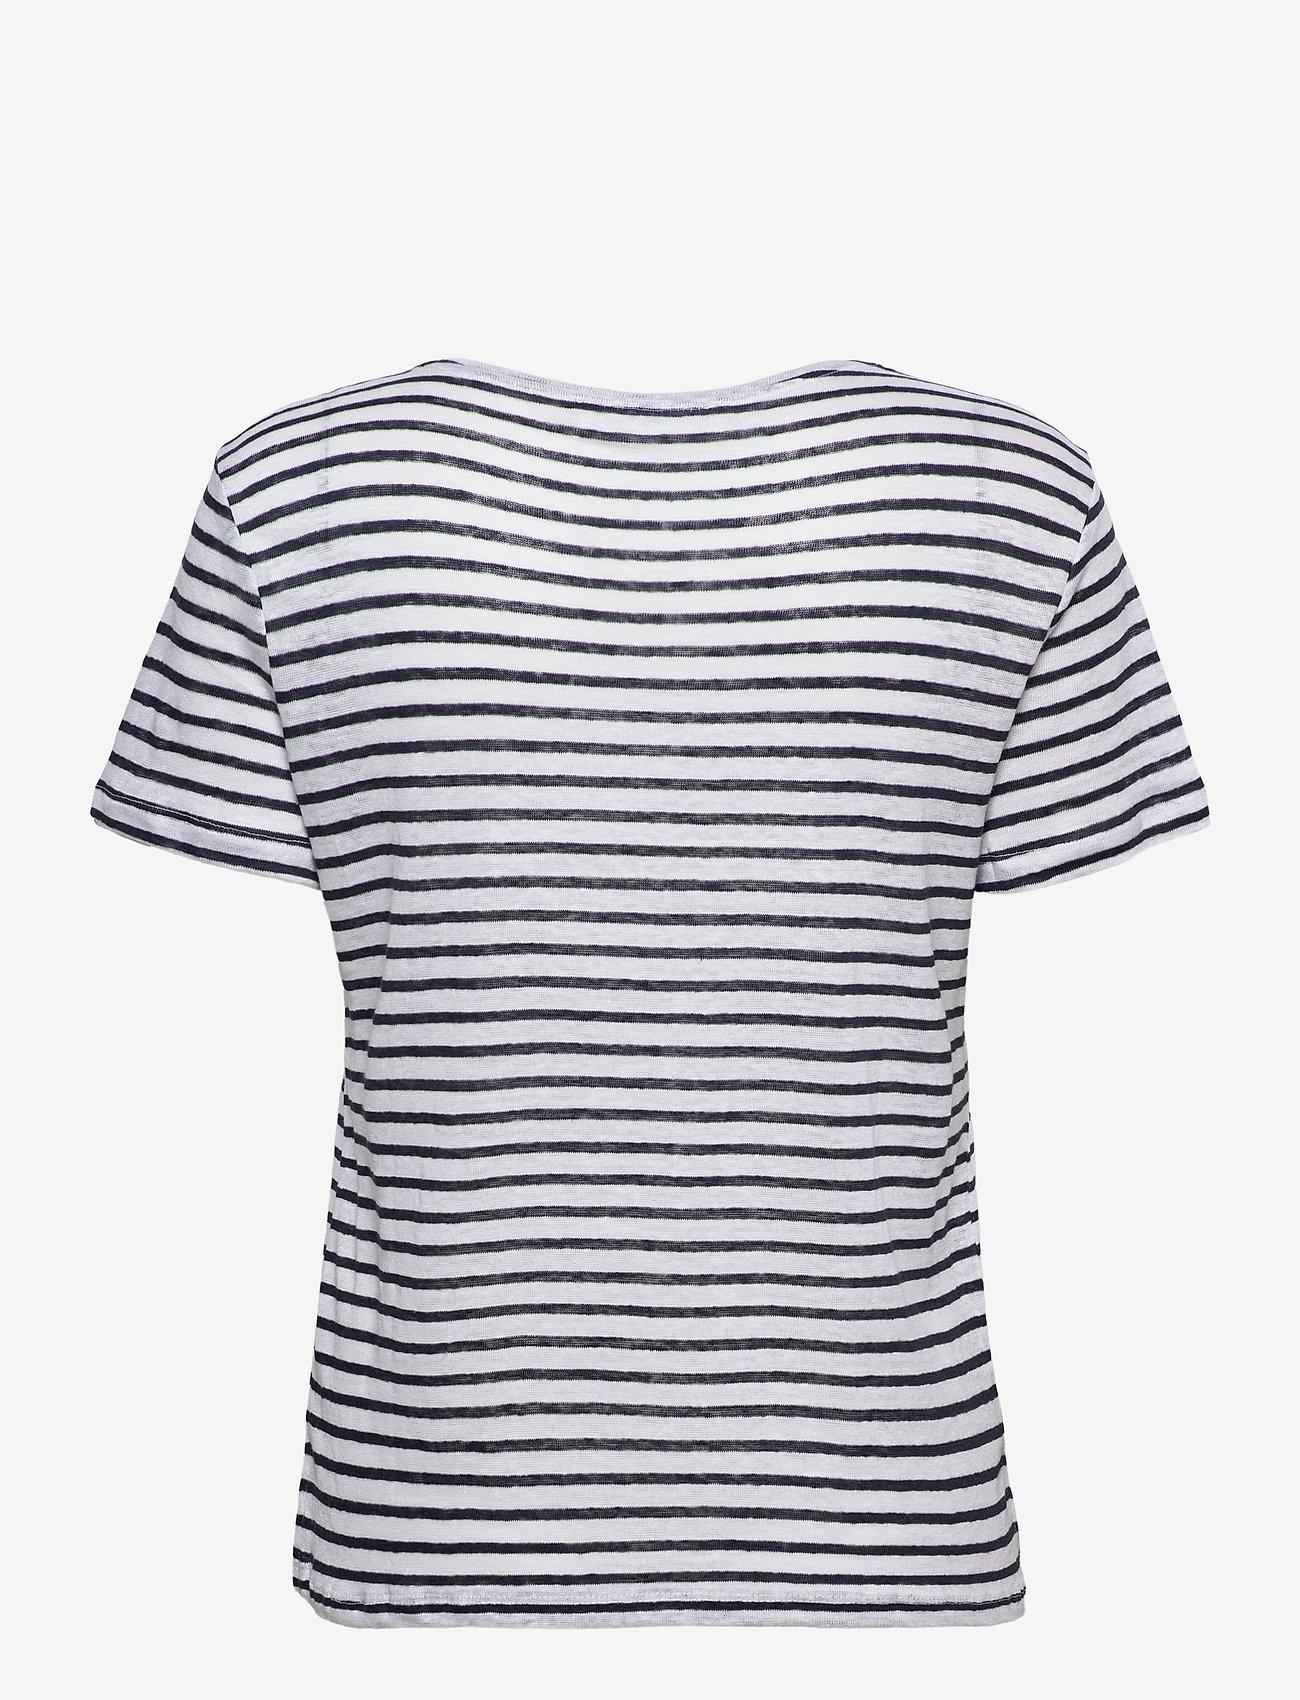 Mango - LISINO - t-shirts - navy - 1